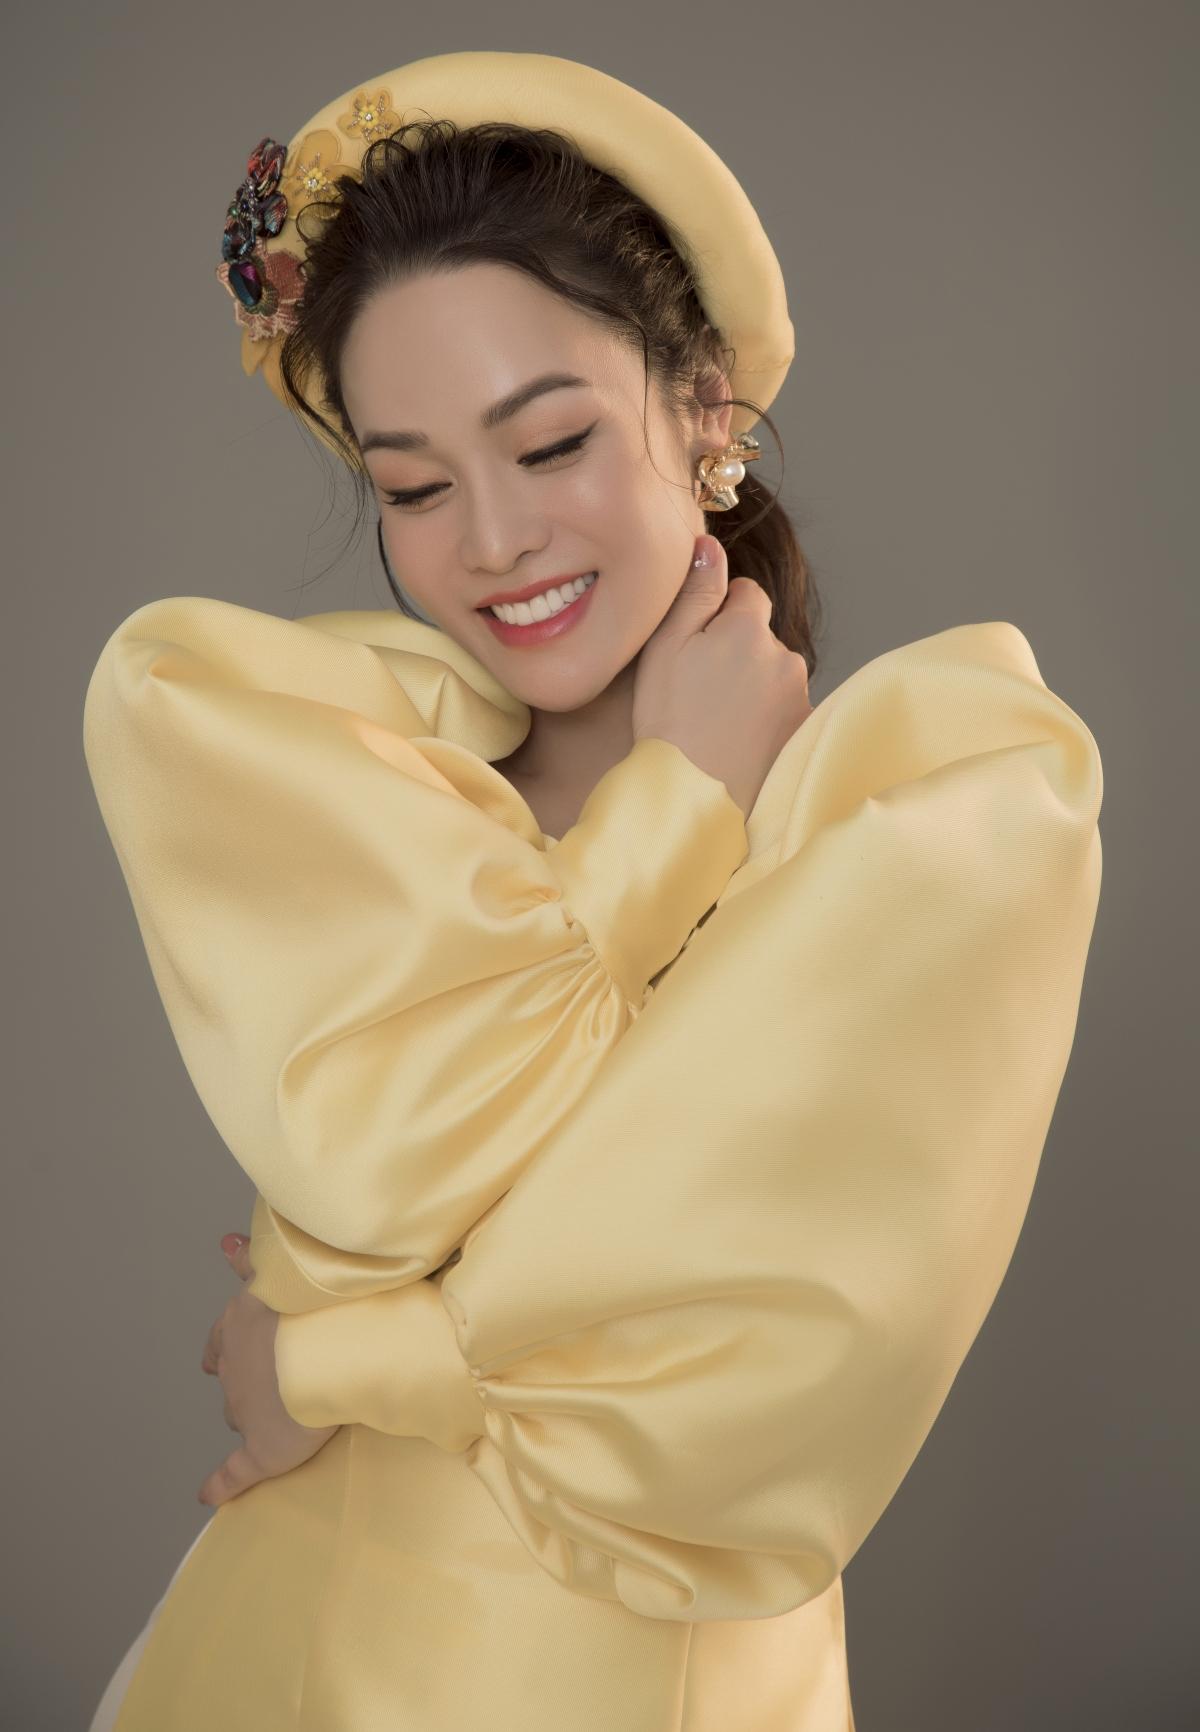 Trong bộ hình mới, Nhật Kim Anh lựa chọn kiểu trang điểm và làm tóc dịu dàng, tự nhiên. Cô chọn kiểu tóc búi nửa đầu với những lọn tóc uốn nhẹ nhàng, phối cùng mấn đính kết.